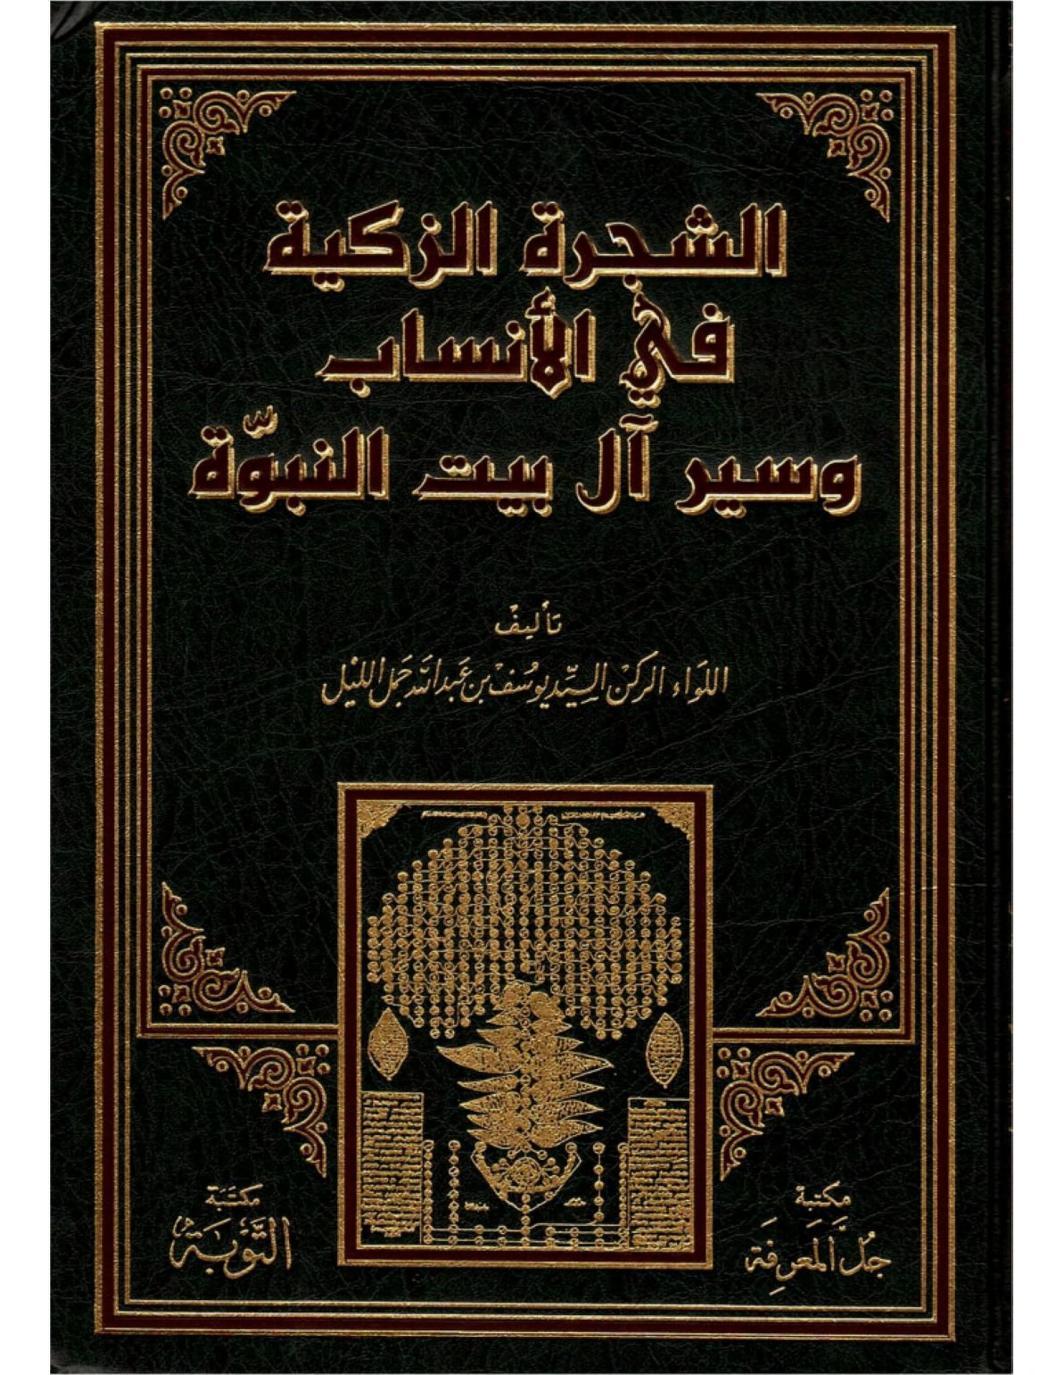 كتاب الانساب للصحاري pdf